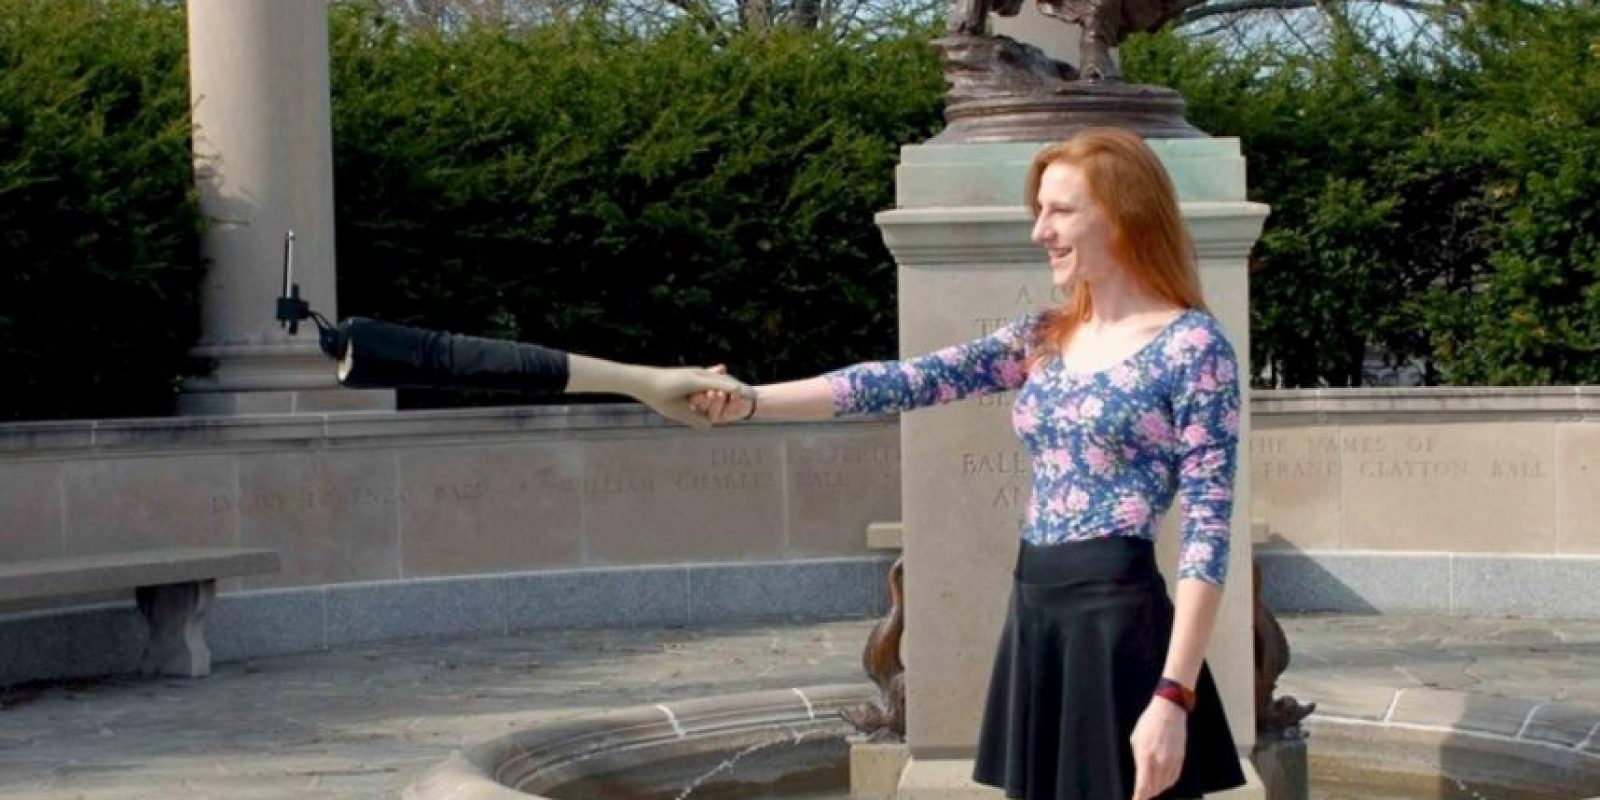 Lo único que deberán hacer es ejecutar el temporizador. Foto:justincrowestudio.com